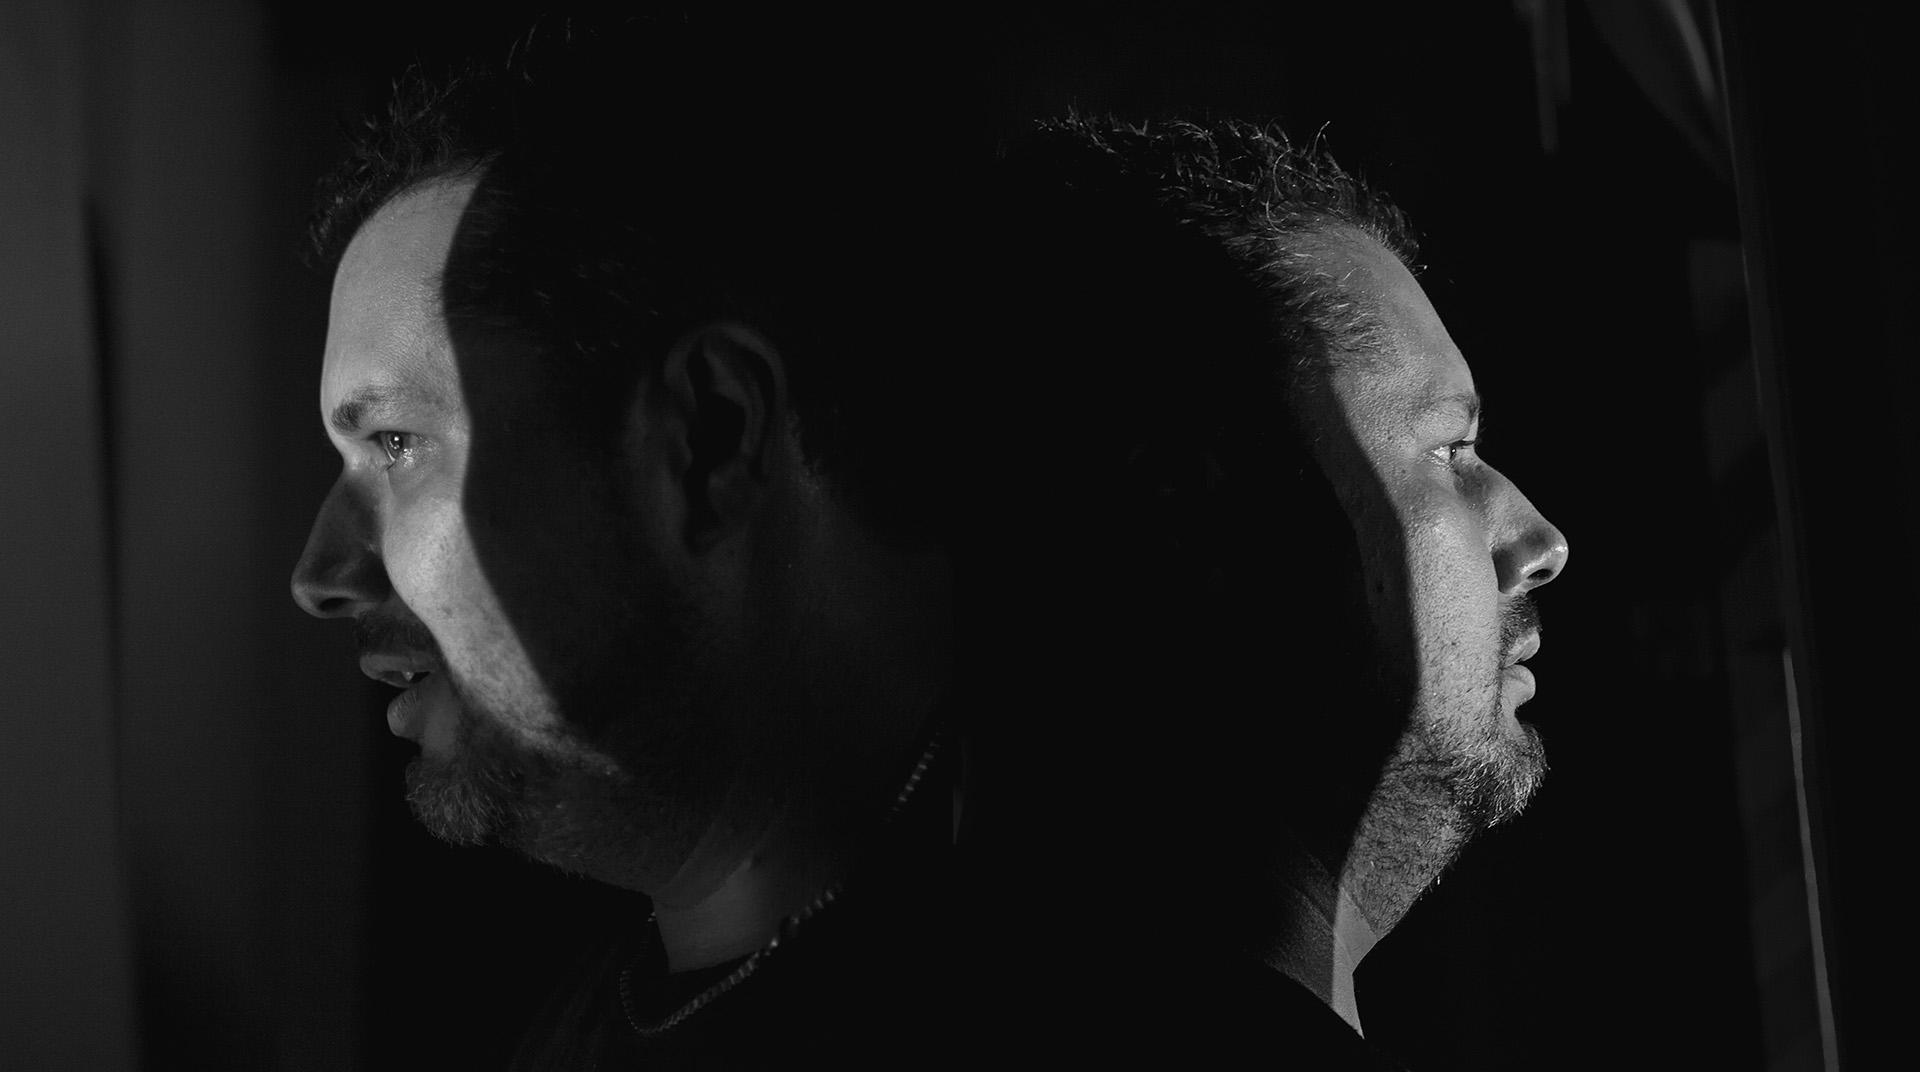 HUDOBNÍCI / MUSICIANS